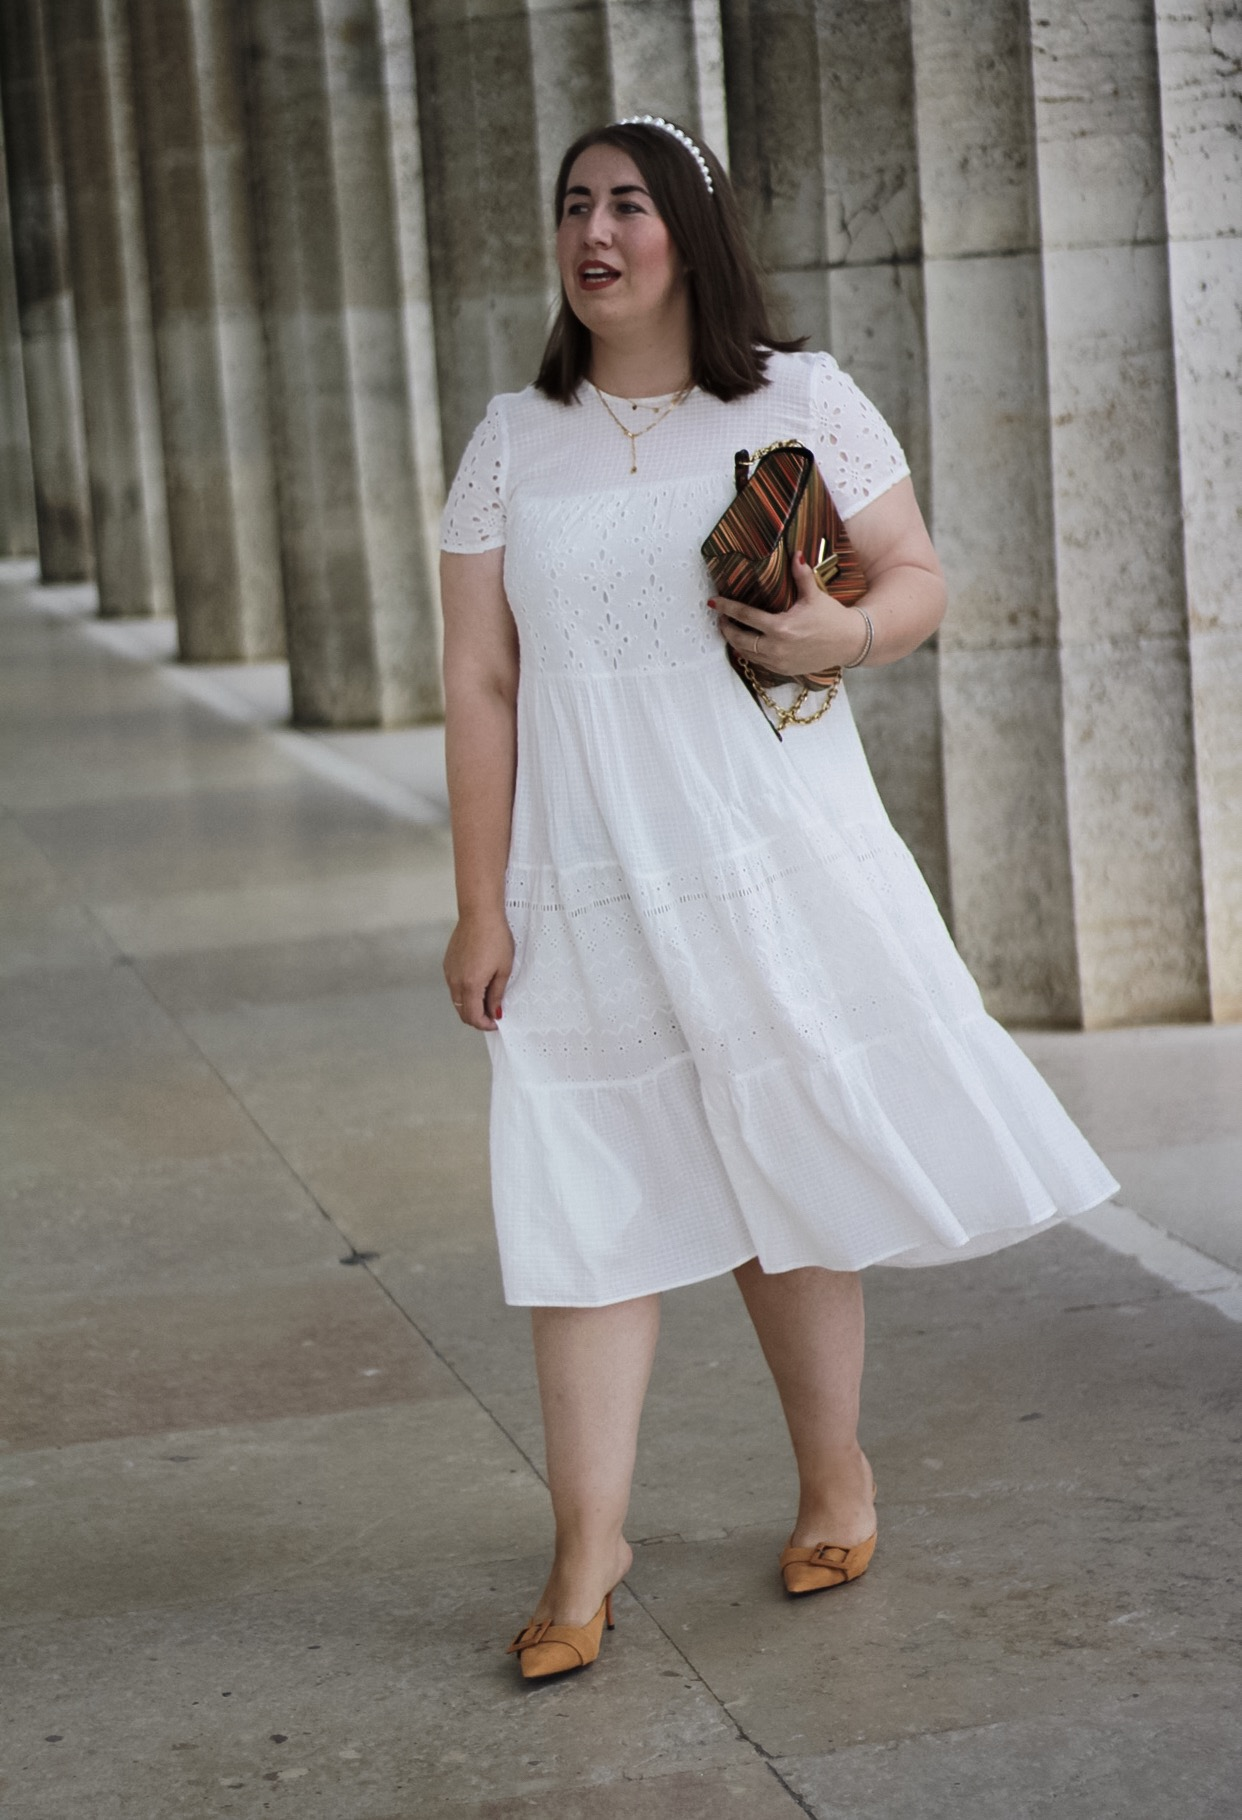 Weisses-Spitzenkleid-Miss-Suzie-Loves-Sommer-Outfit-Mules-Perlen-Haarreif-Walhalla-Regensburg-Susanne-Heidebach